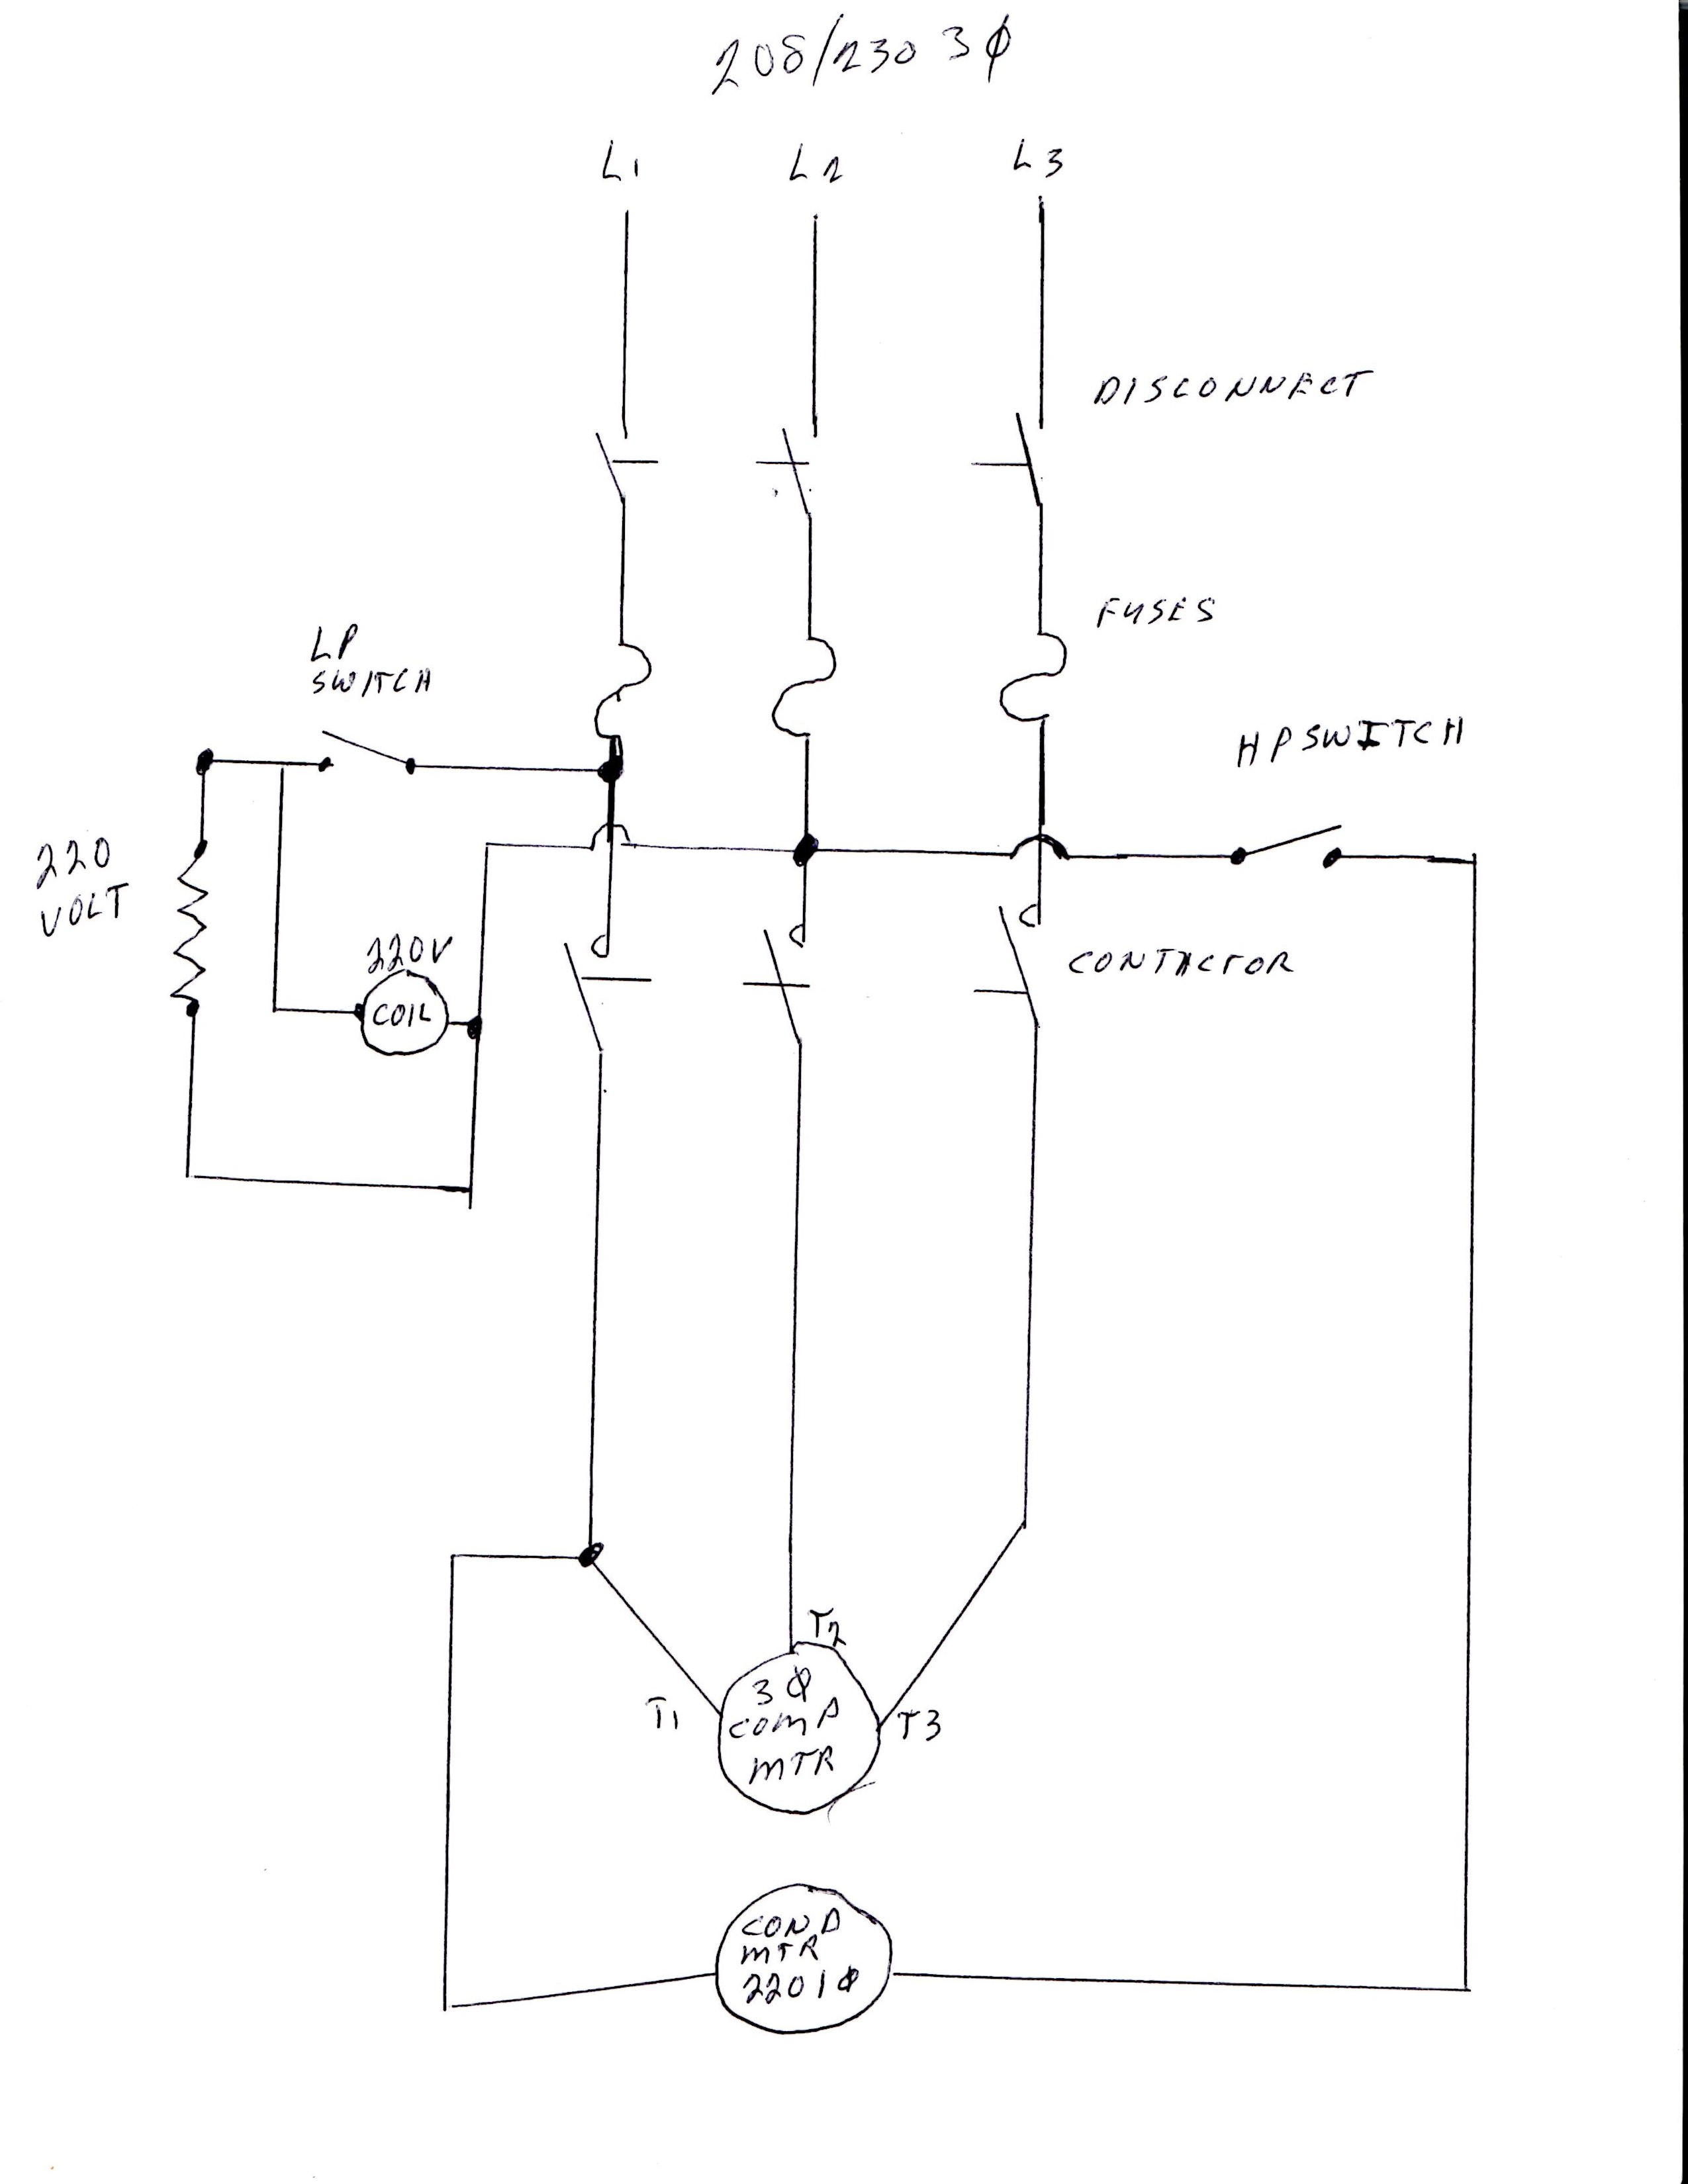 img006 i have a kae1 0050 tac copelametic compressor unit 208 230 volt 3